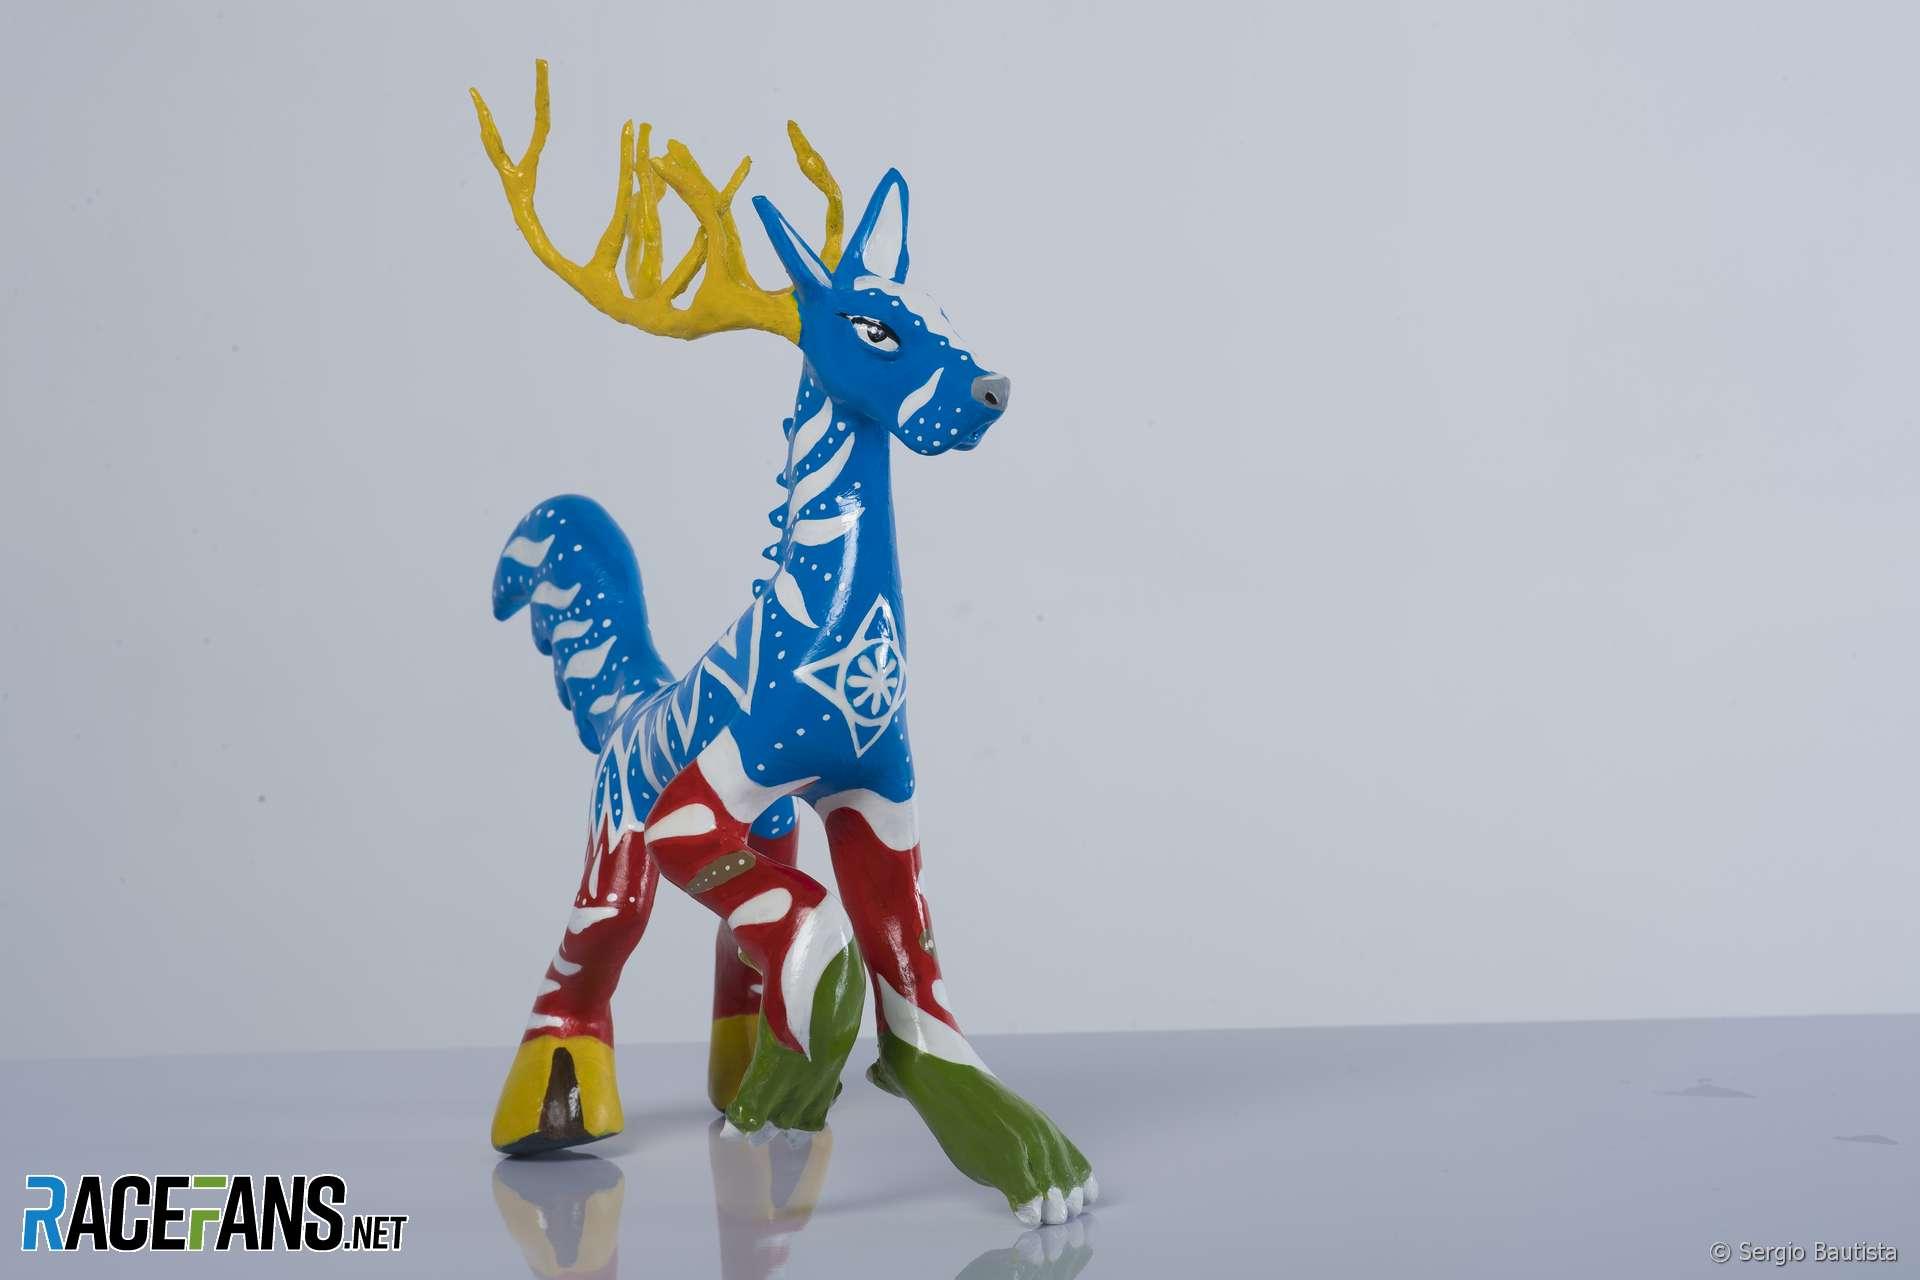 Marcus Ericsson: Moose, wolf and dog